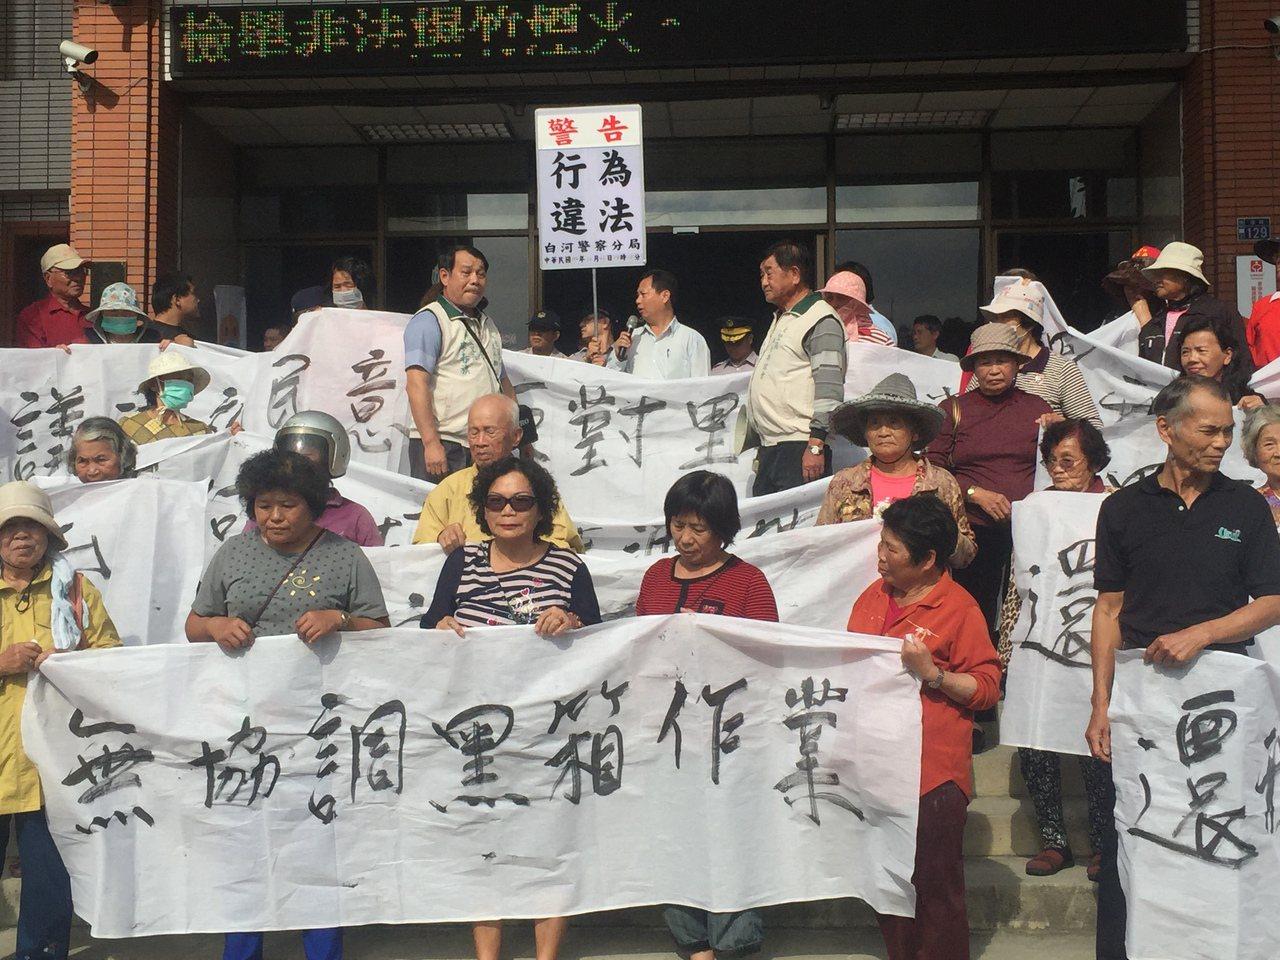 台南後壁區里長到公所抗議,警方舉牌警告。記者吳政修/攝影